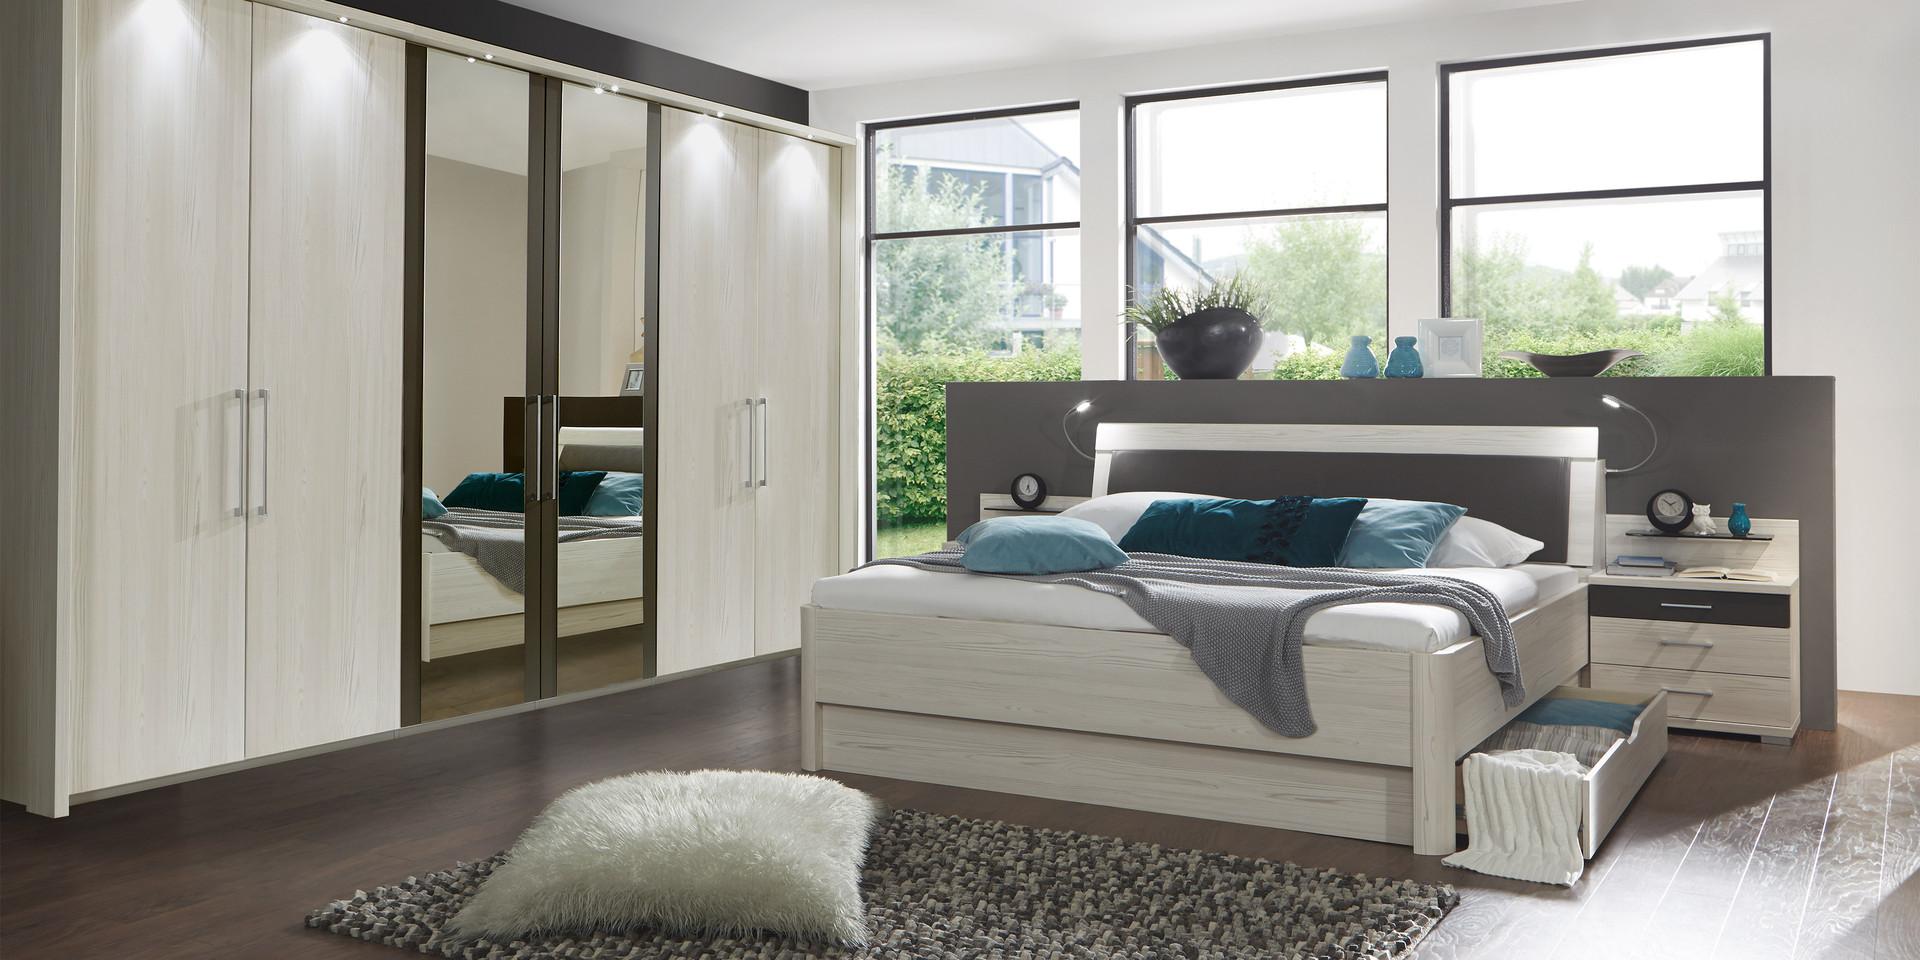 Erleben Sie Das Schlafzimmer Lissabon | Möbelhersteller Wiemann